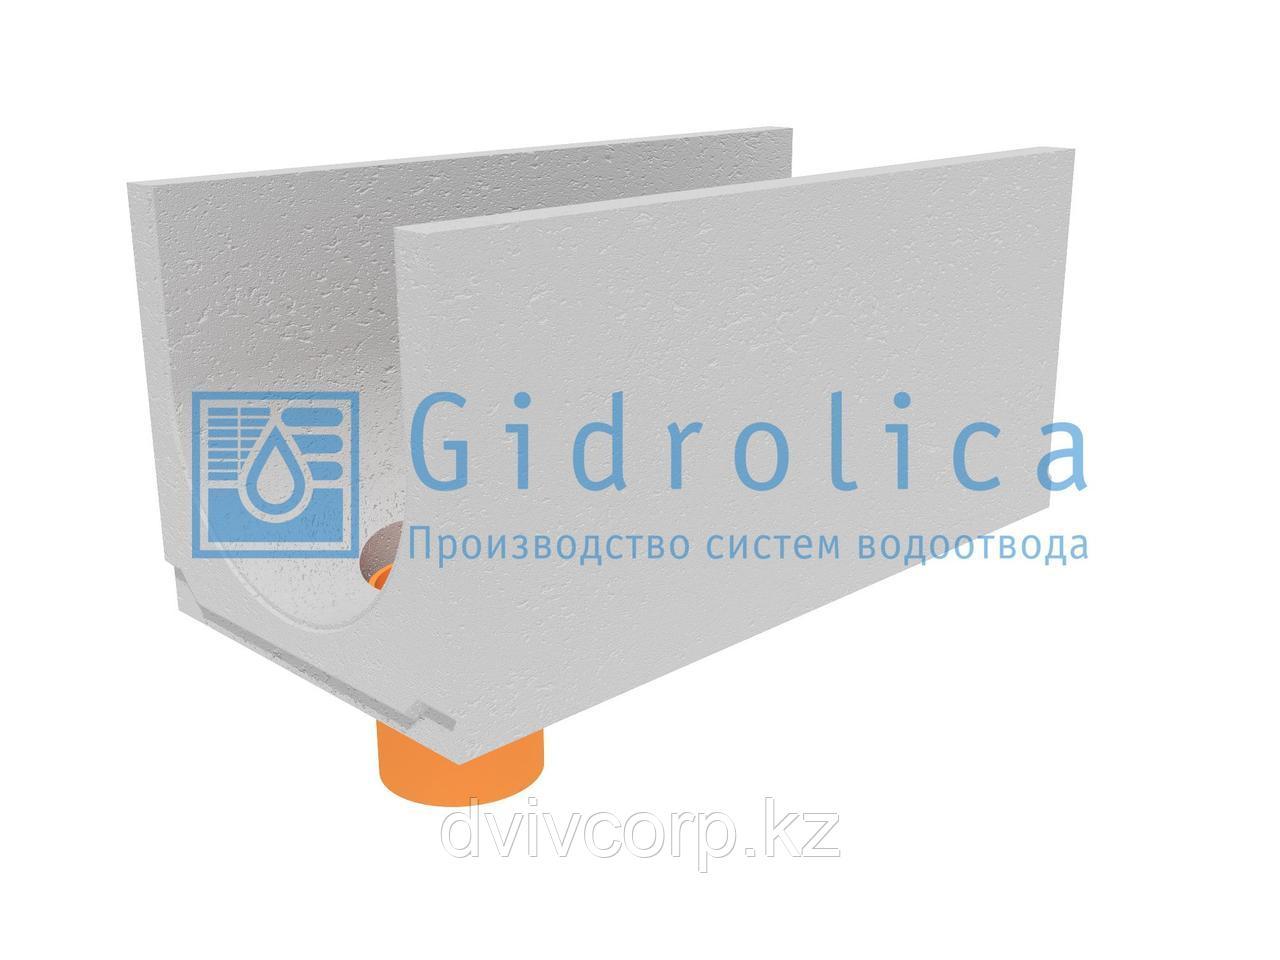 Лоток водоотводный бетонный коробчатый (СО-400мм), с водосливом КUв 100.49,4(40).47(40) - BGU, № 15-0